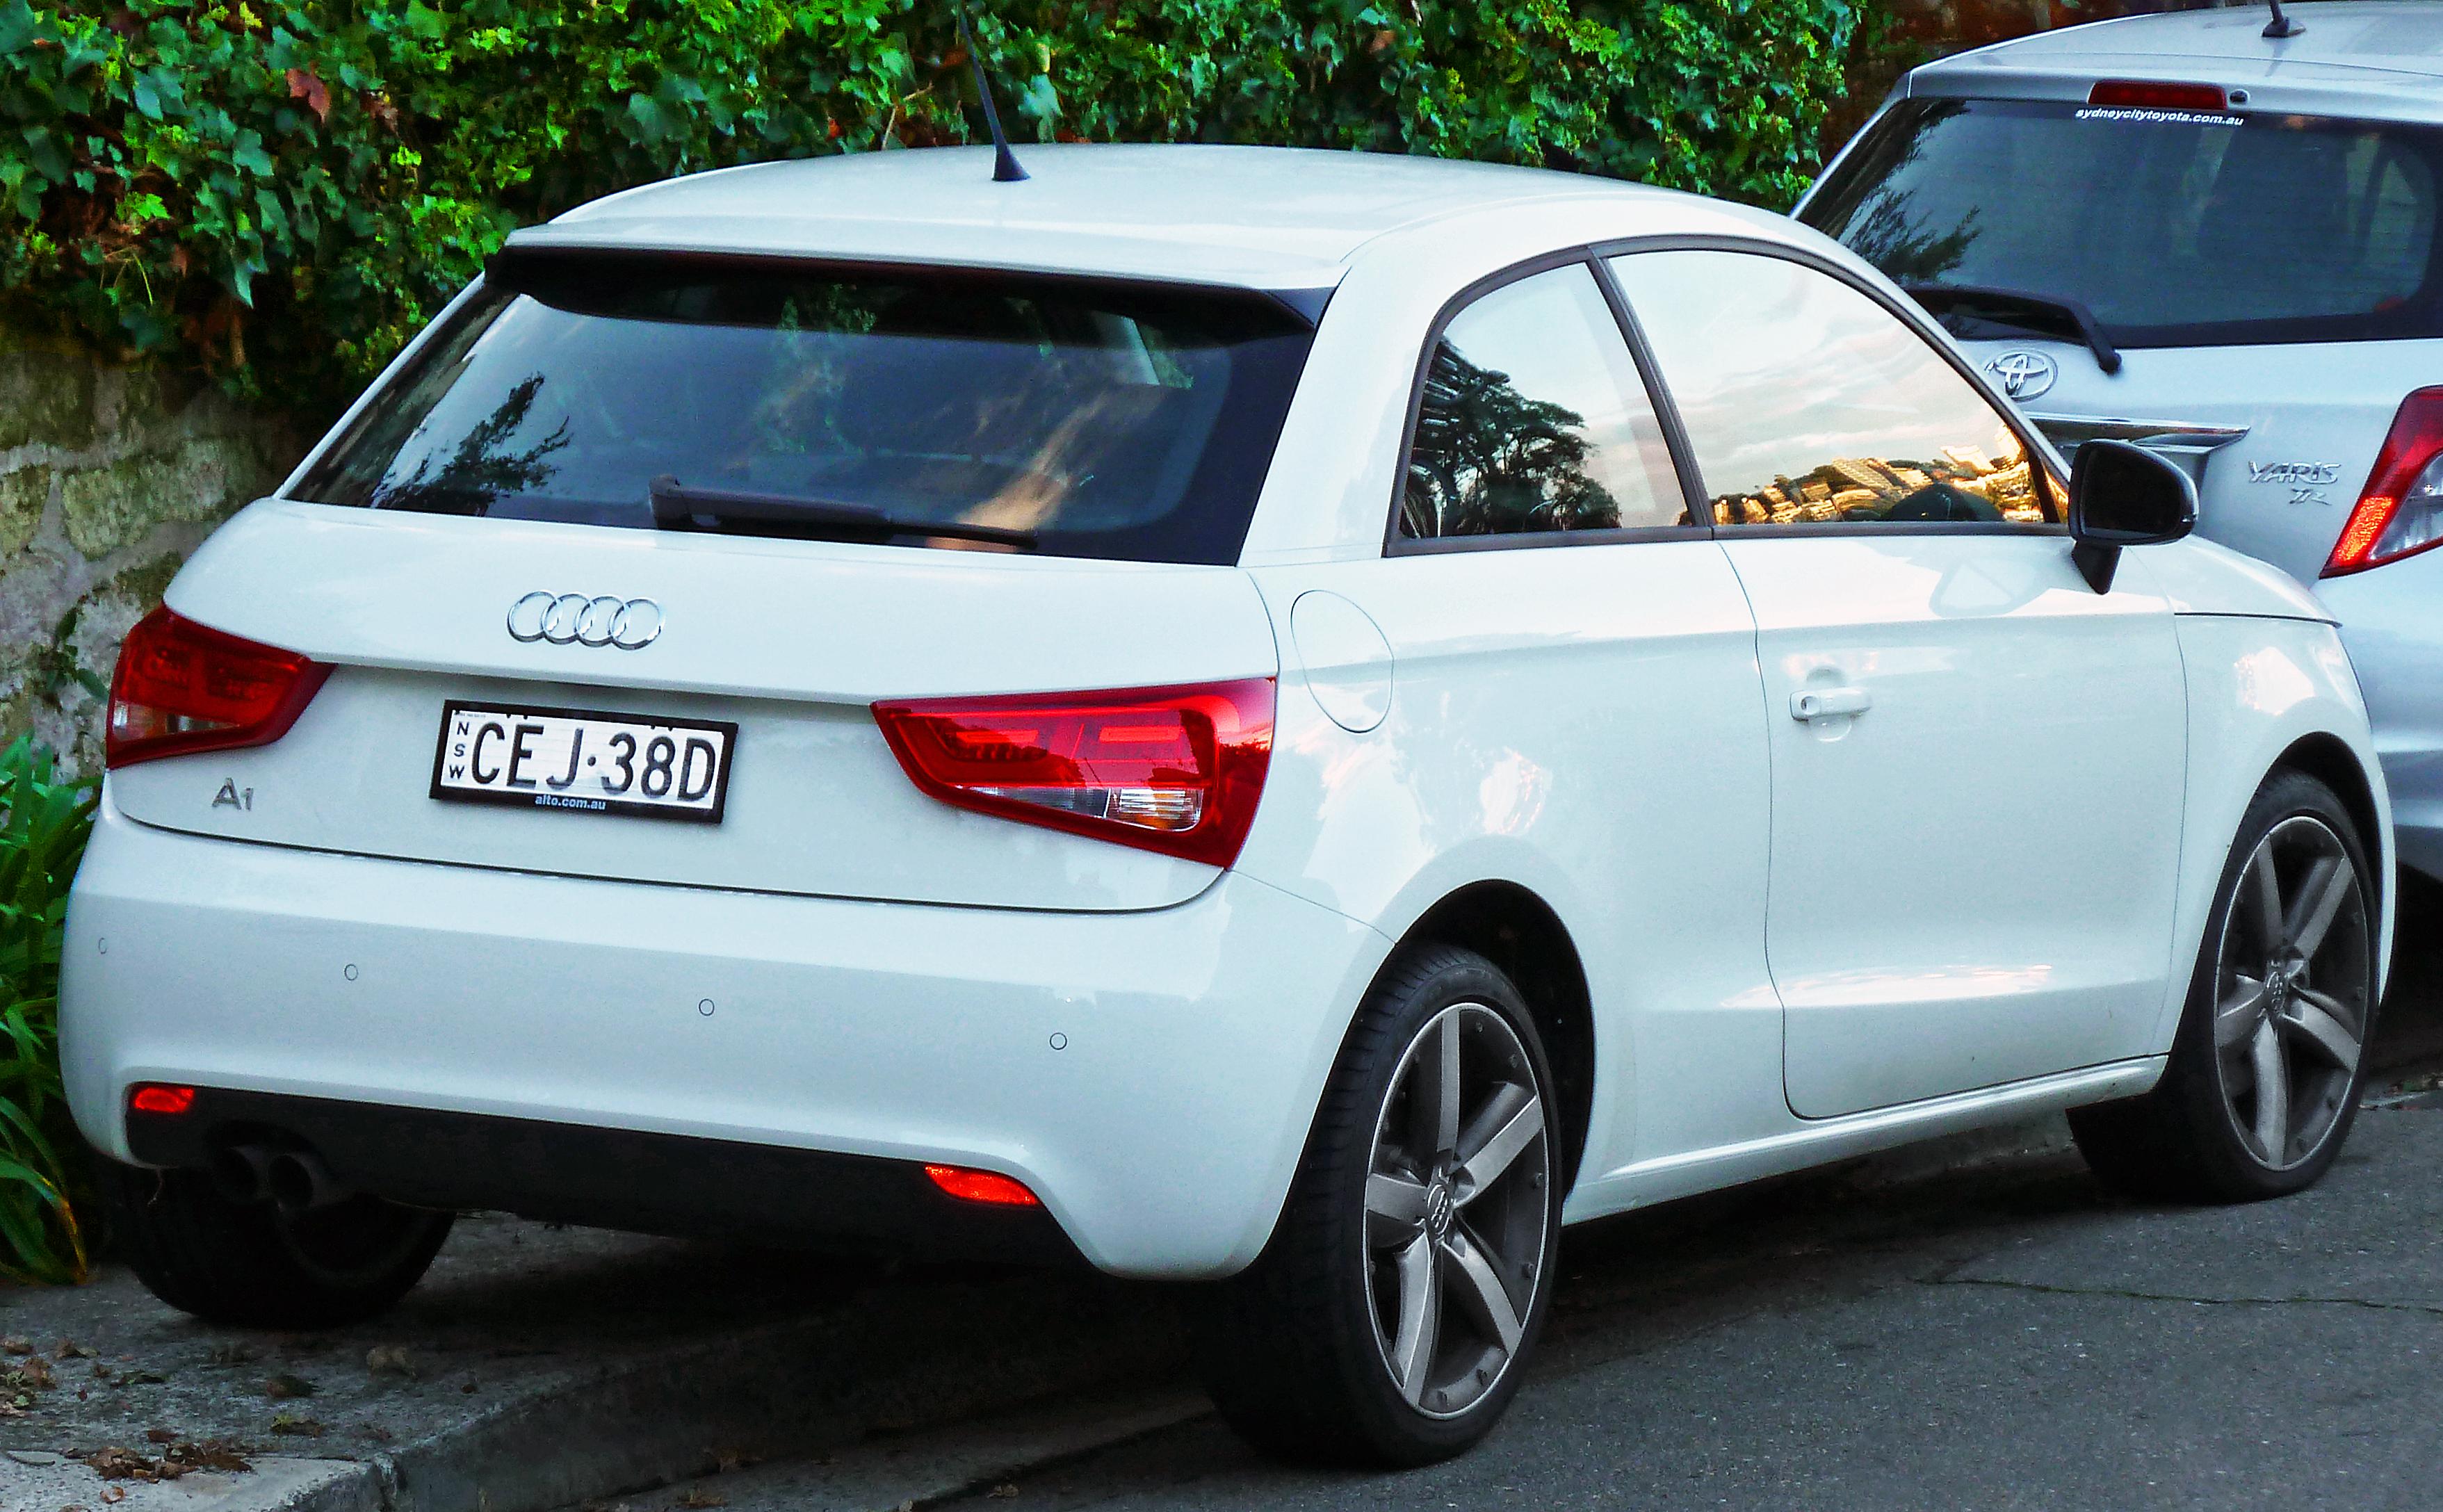 File2012 Audi A1 (8X) 3-door hatchback (2012-06 & File:2012 Audi A1 (8X) 3-door hatchback (2012-06-04).jpg ... pezcame.com